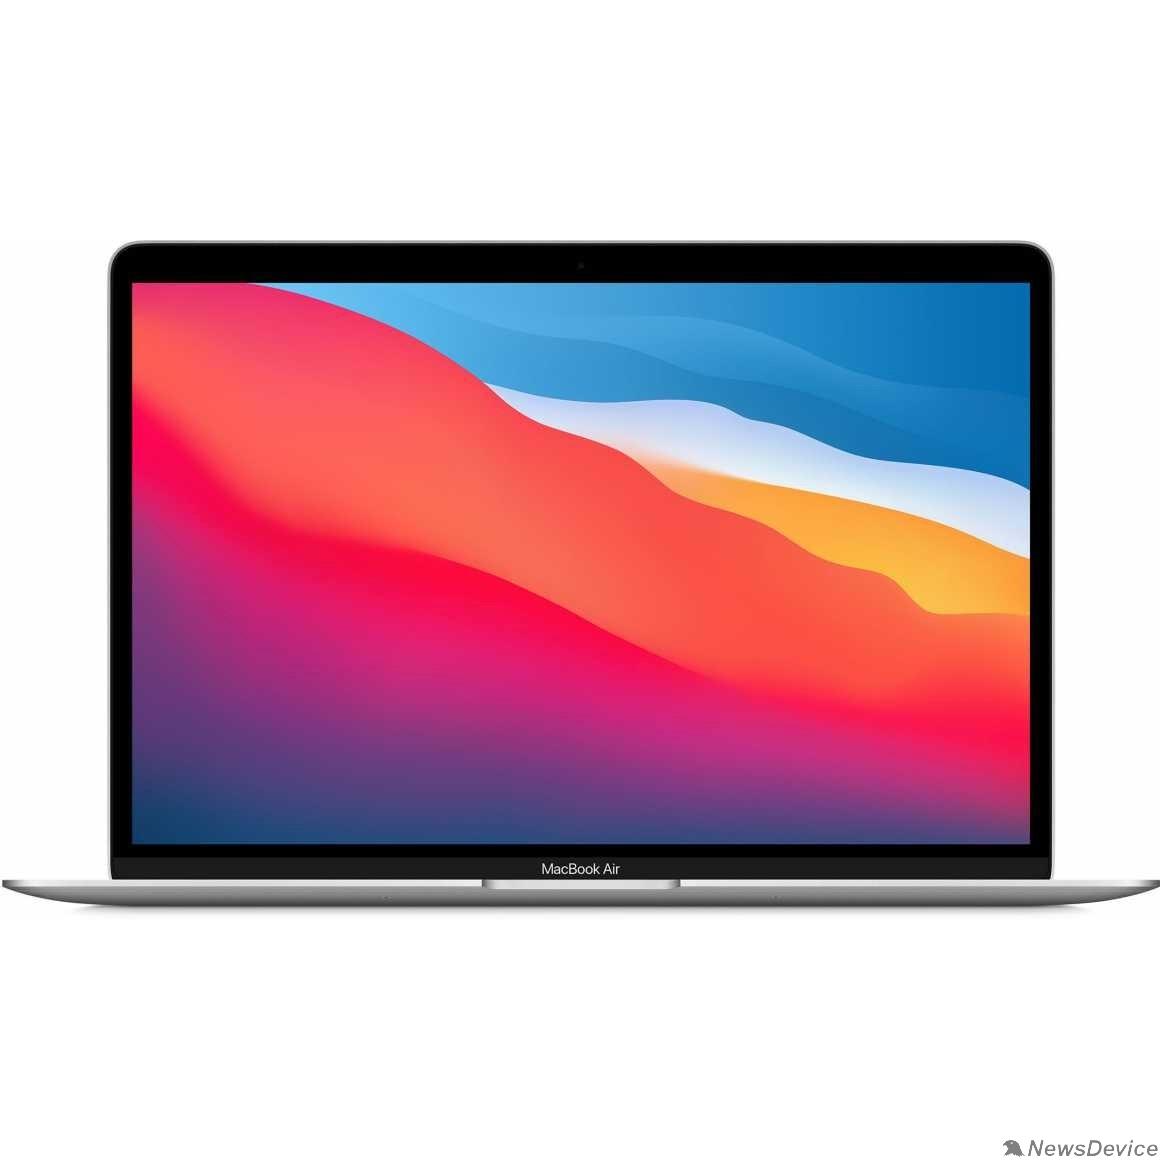 Ноутбук Apple MacBook Air 13 Late 2020 MGNA3RU/A Silver 13.3'' Retina (2560x1600) M1 chip with 8-core CPU and 8-core GPU/8GB/512GB SSD (2020)